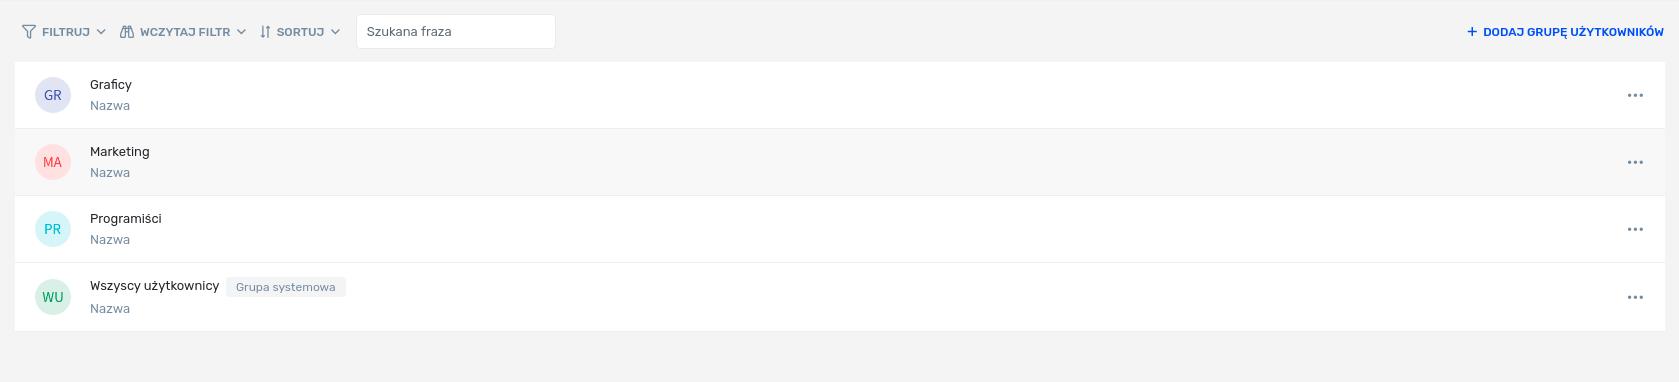 Lista grup użytkowników